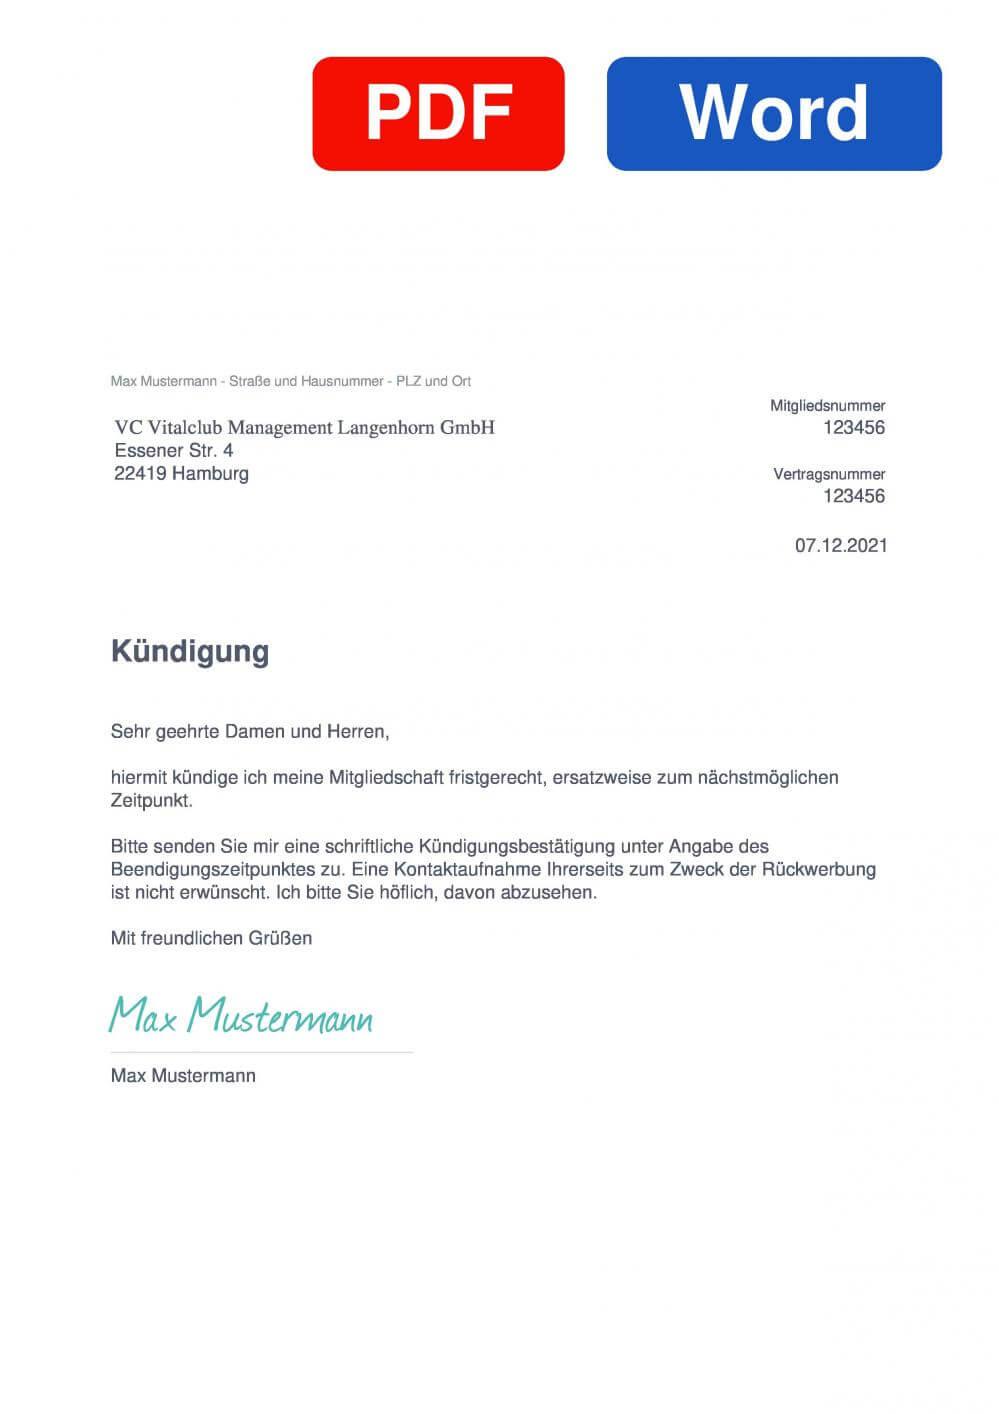 ELIXIA Langenhorn Muster Vorlage für Kündigungsschreiben